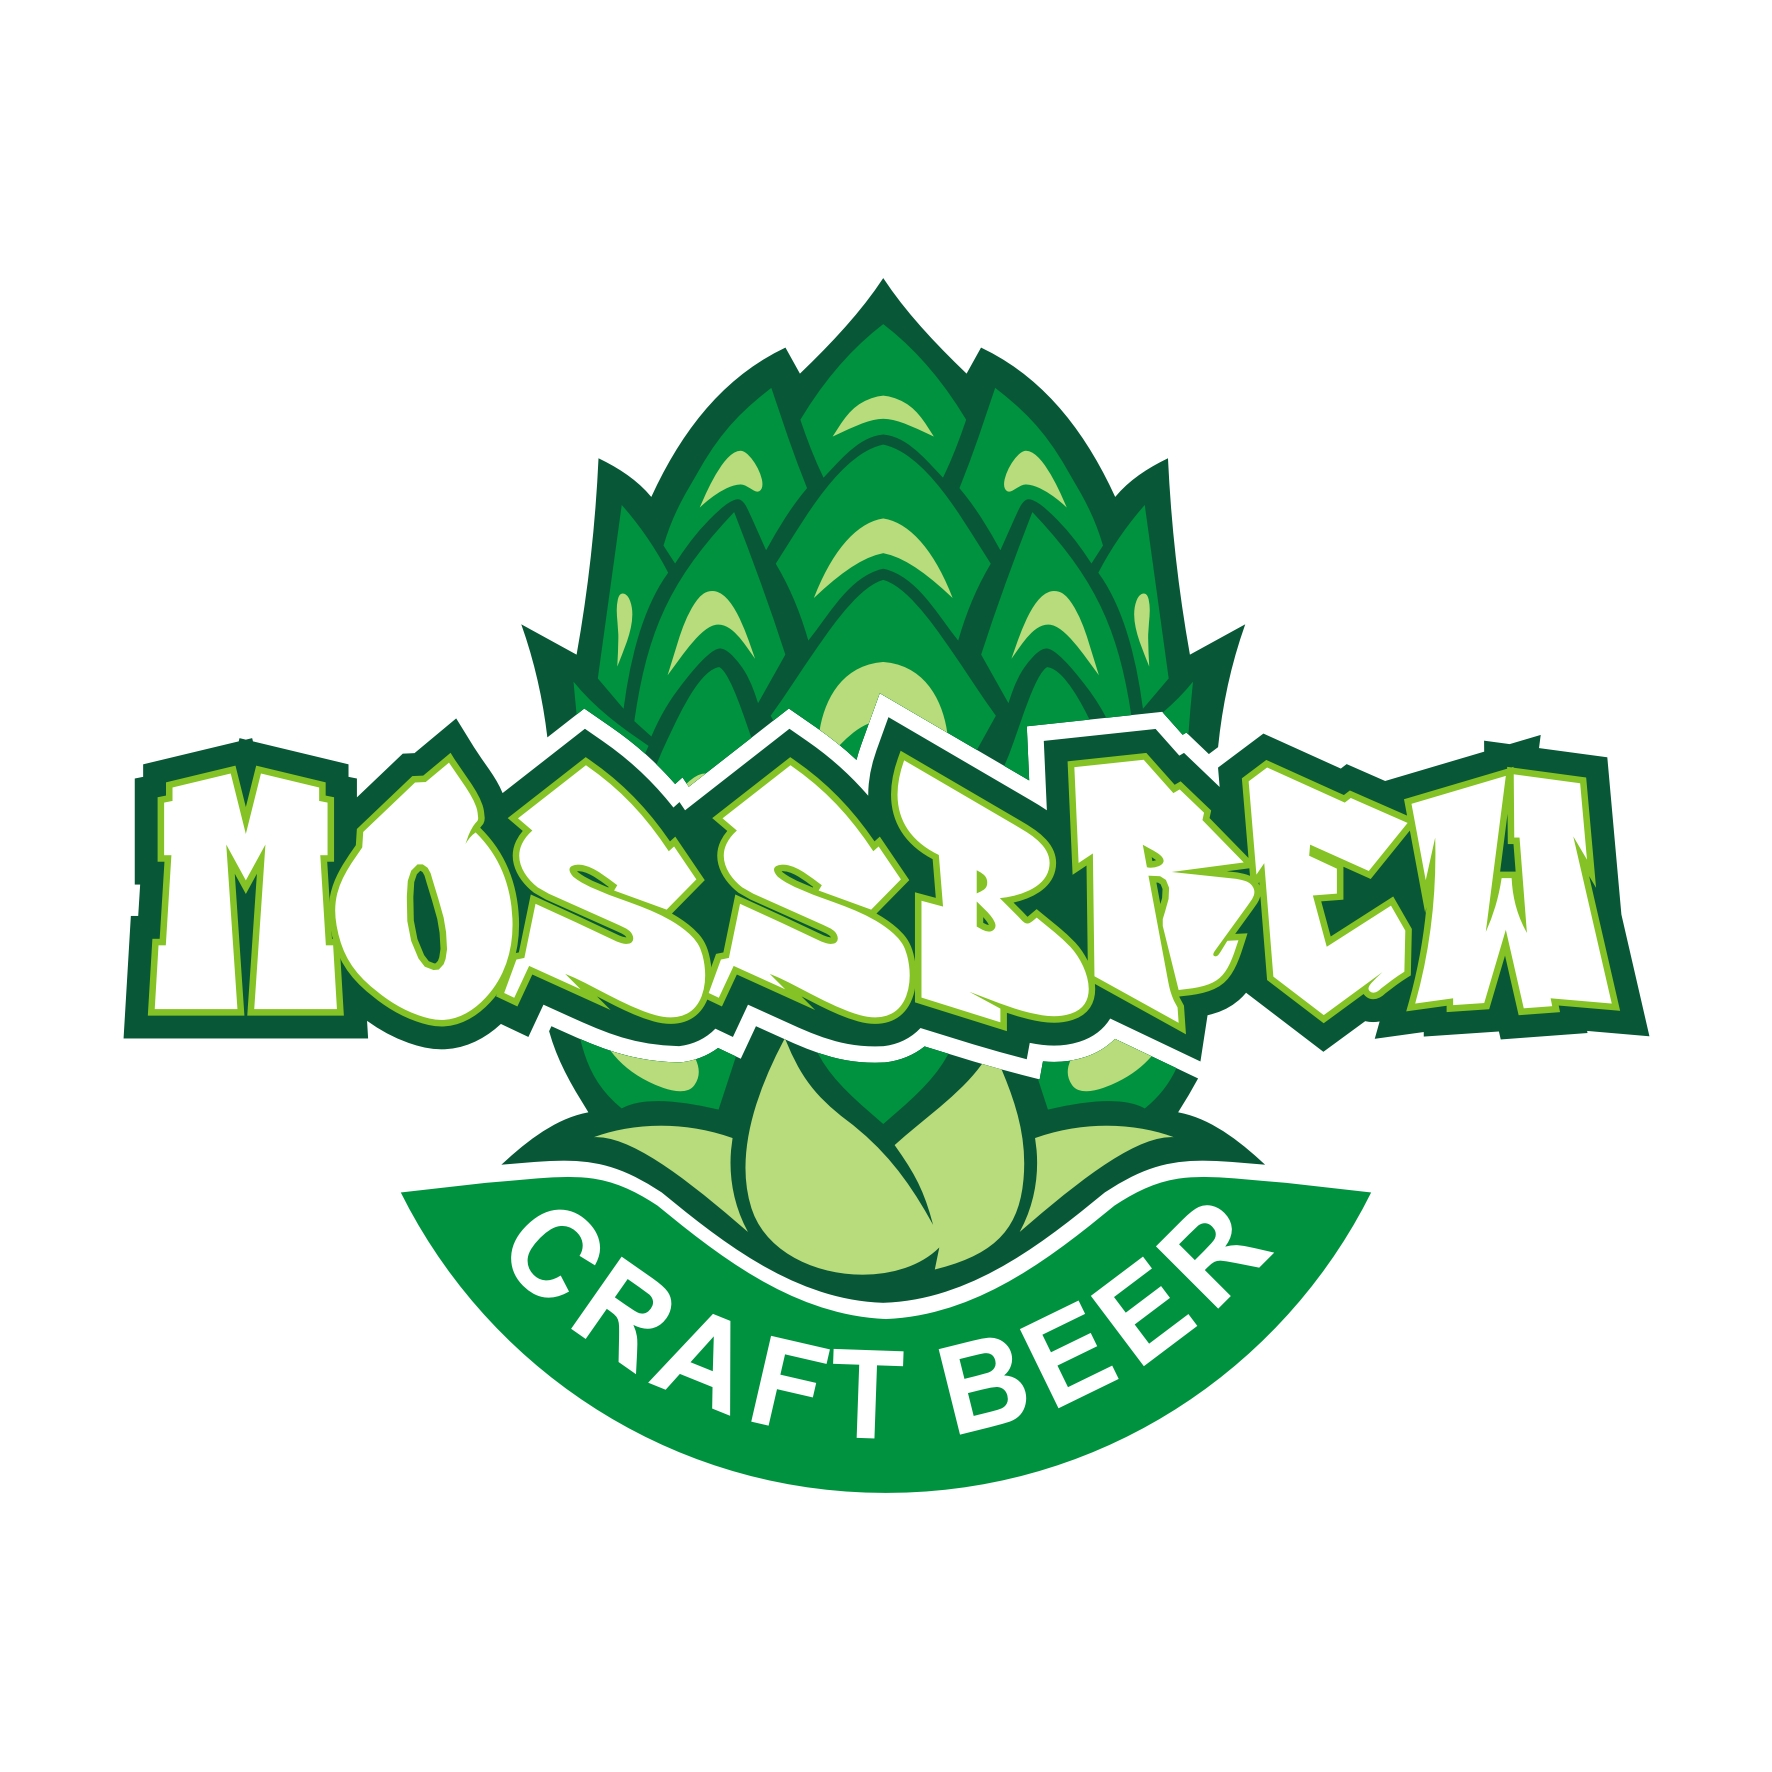 Логотип для пивоварни фото f_8805989bd368d306.jpg